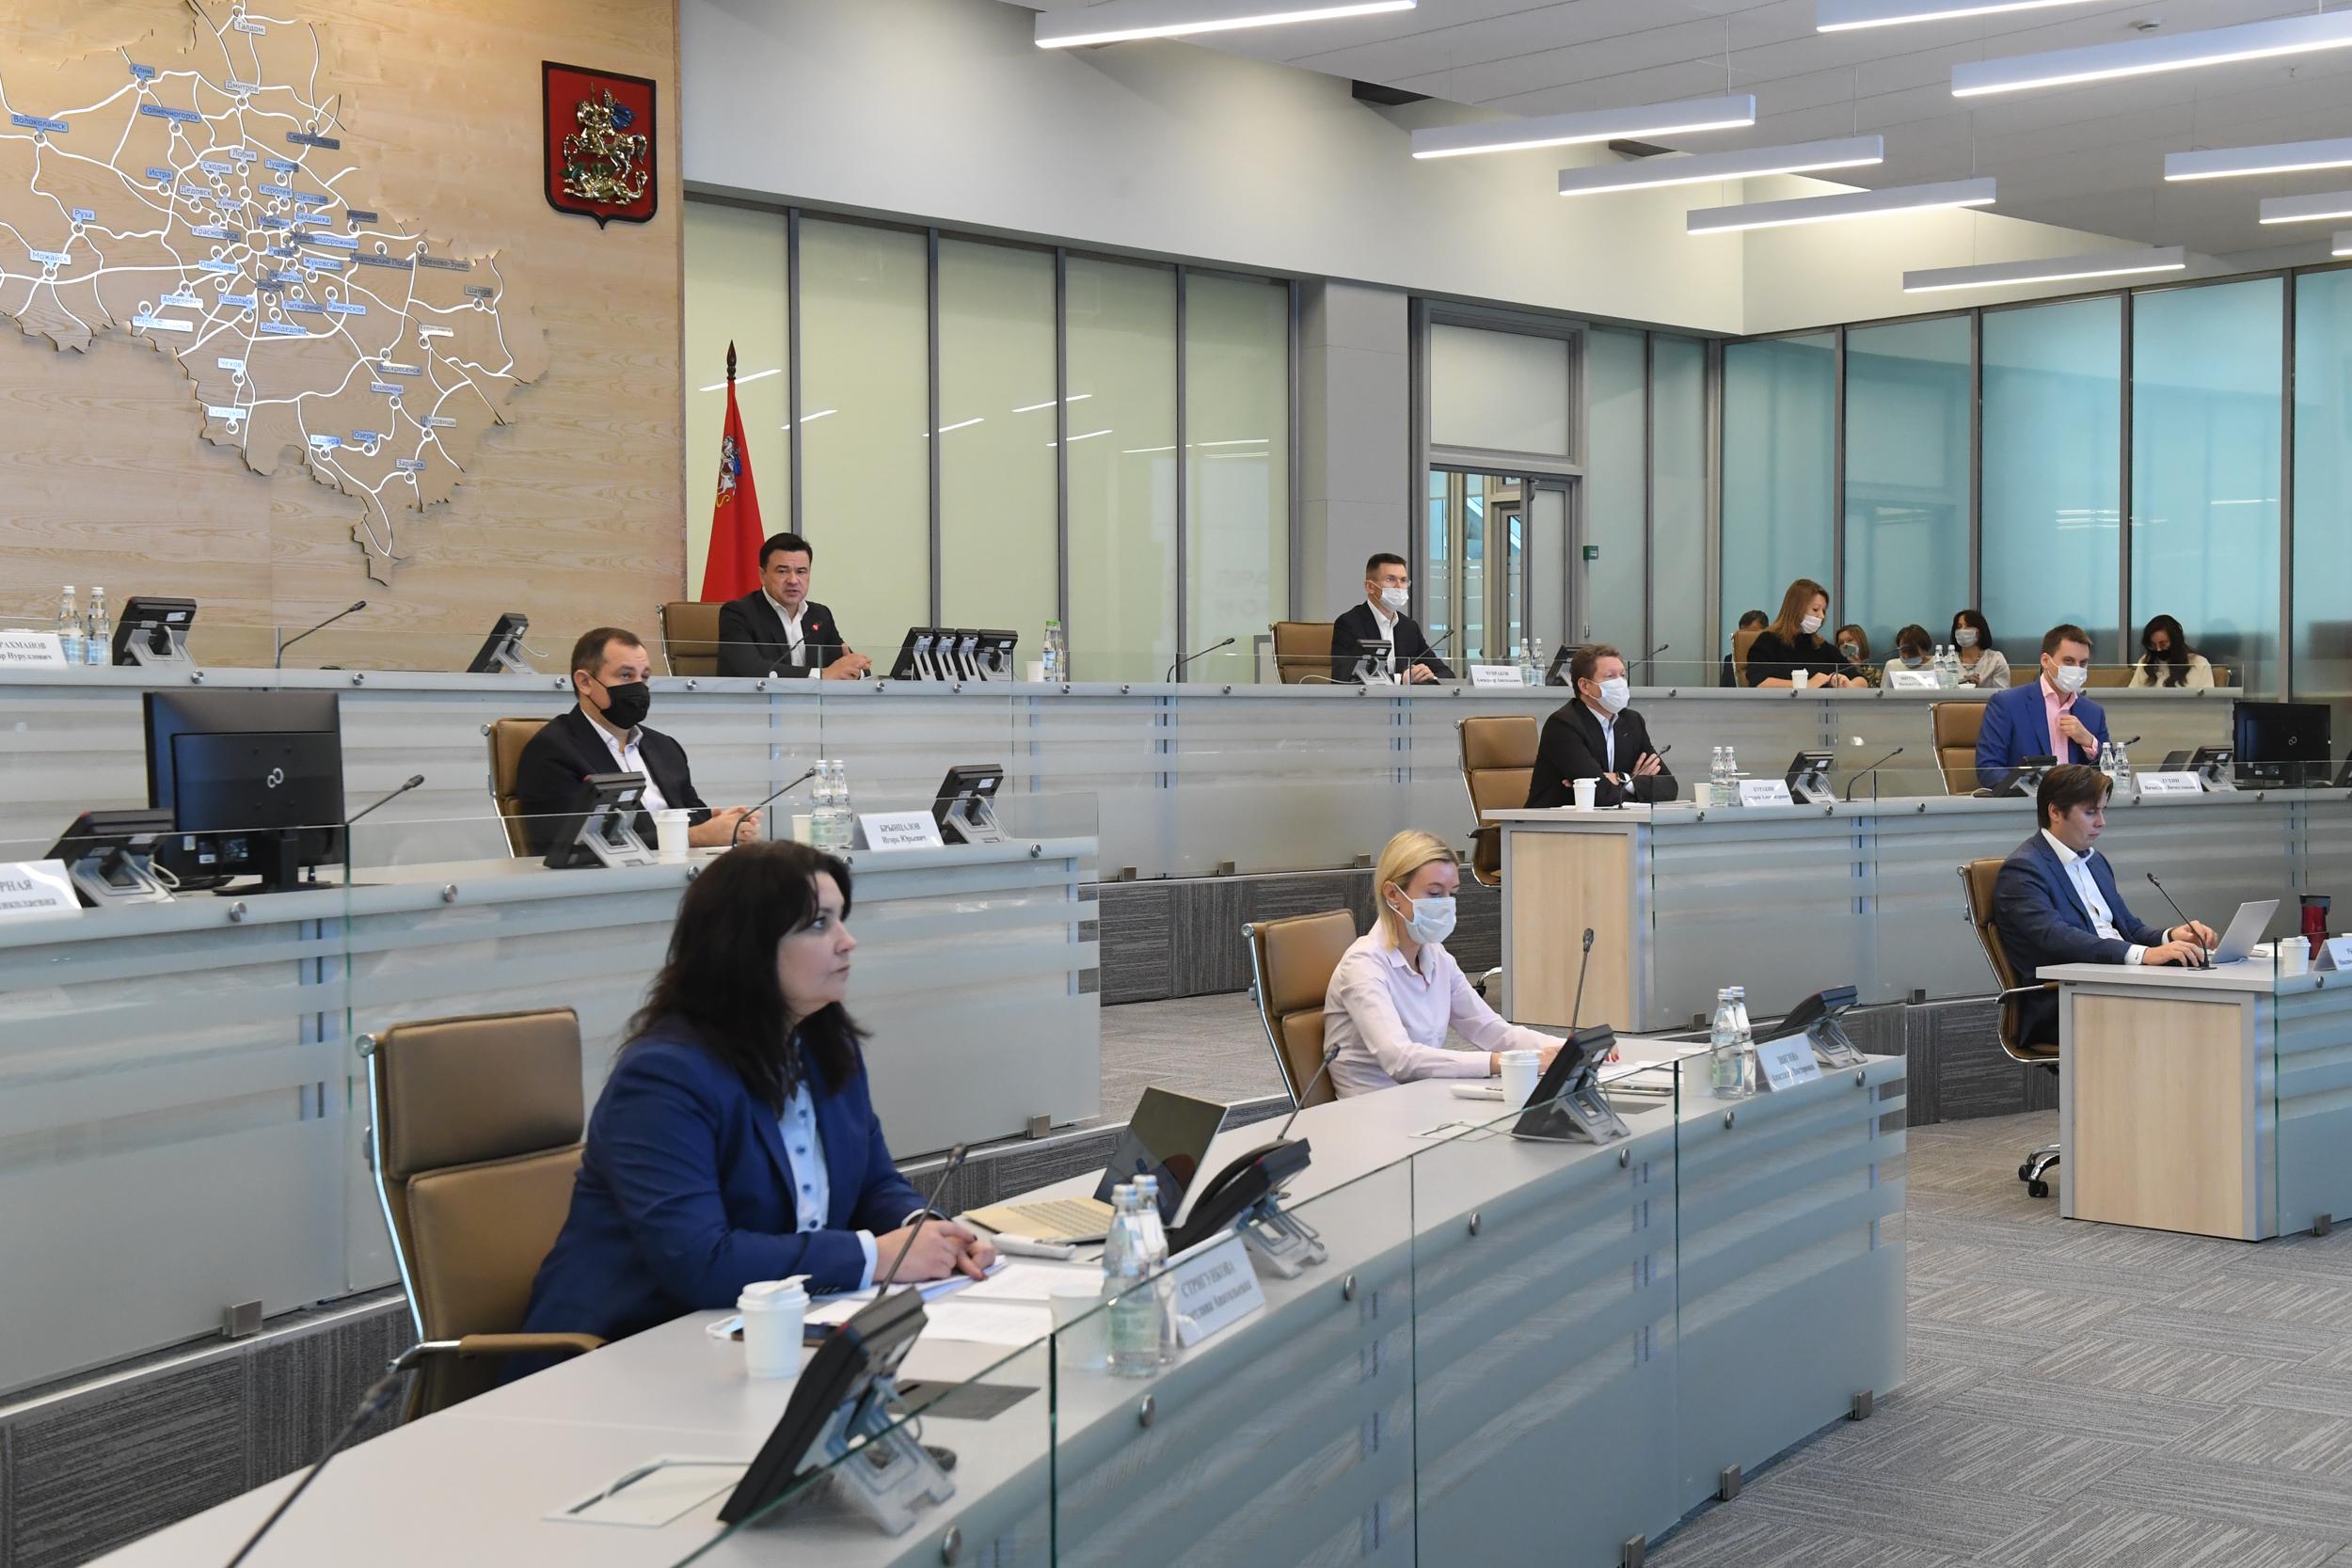 Губернатор провел совещание с руководителями министерств и главами округов